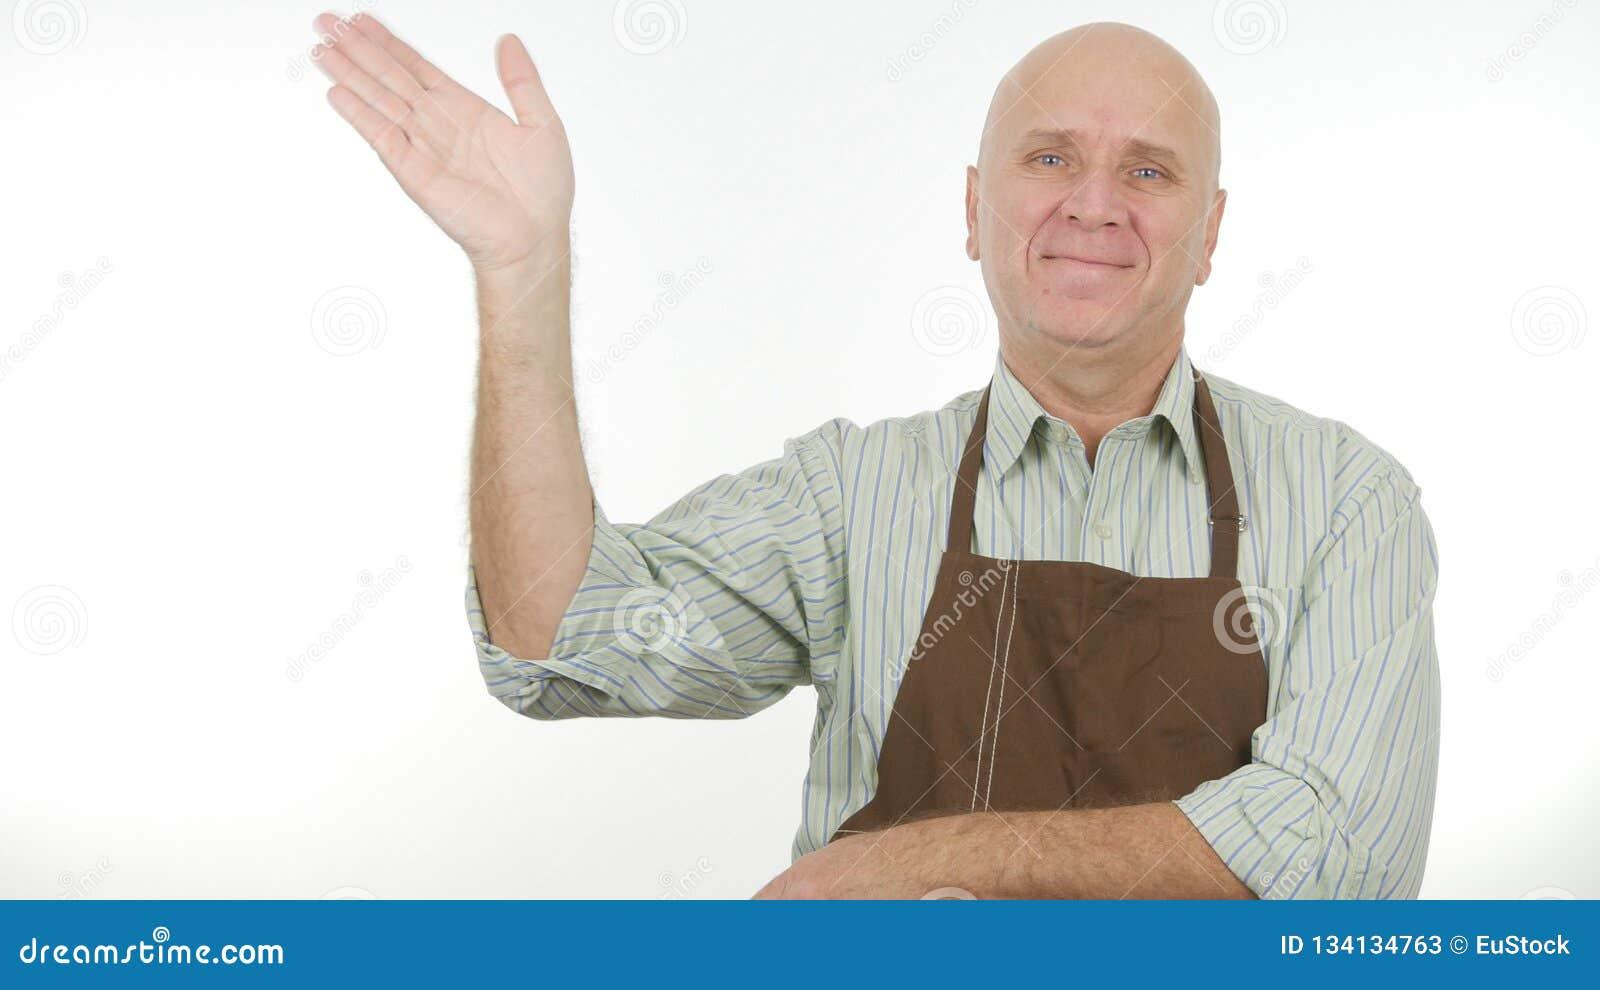 Lächelnde Person mit Schutzblech machen hallo Zeichen ein Gruß-Handzeichen